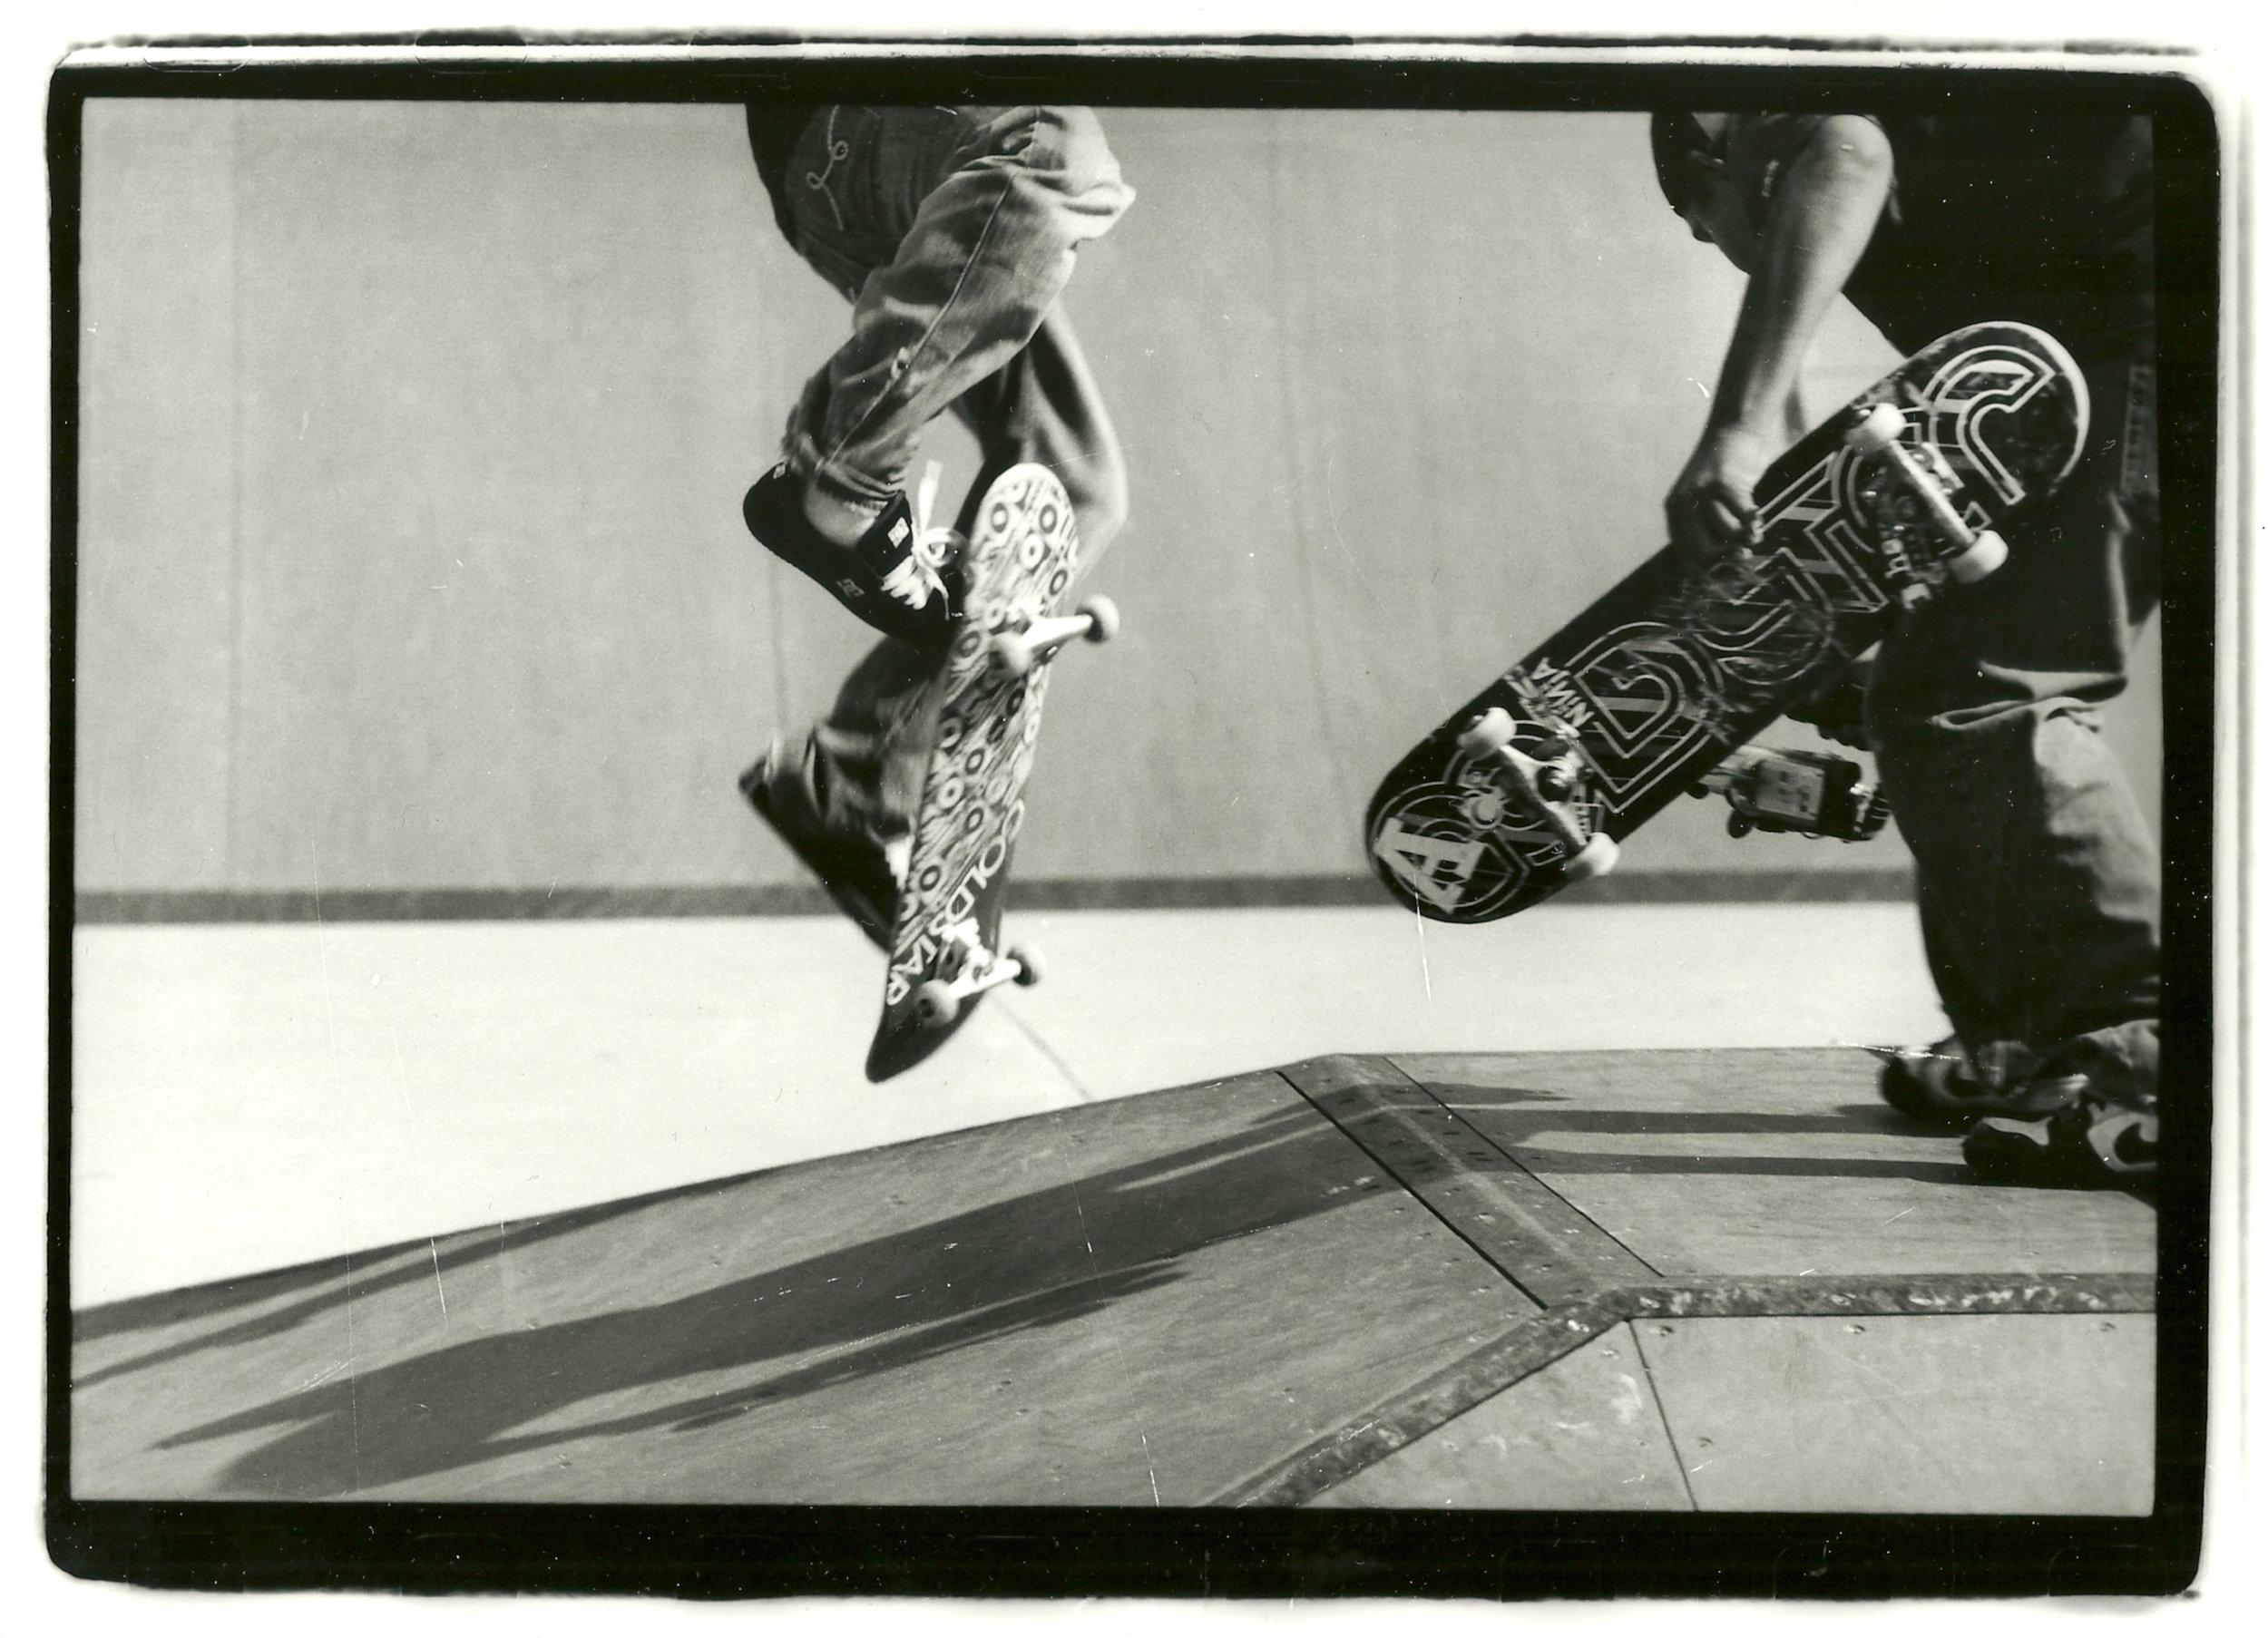 Duke Skate Park - 2009